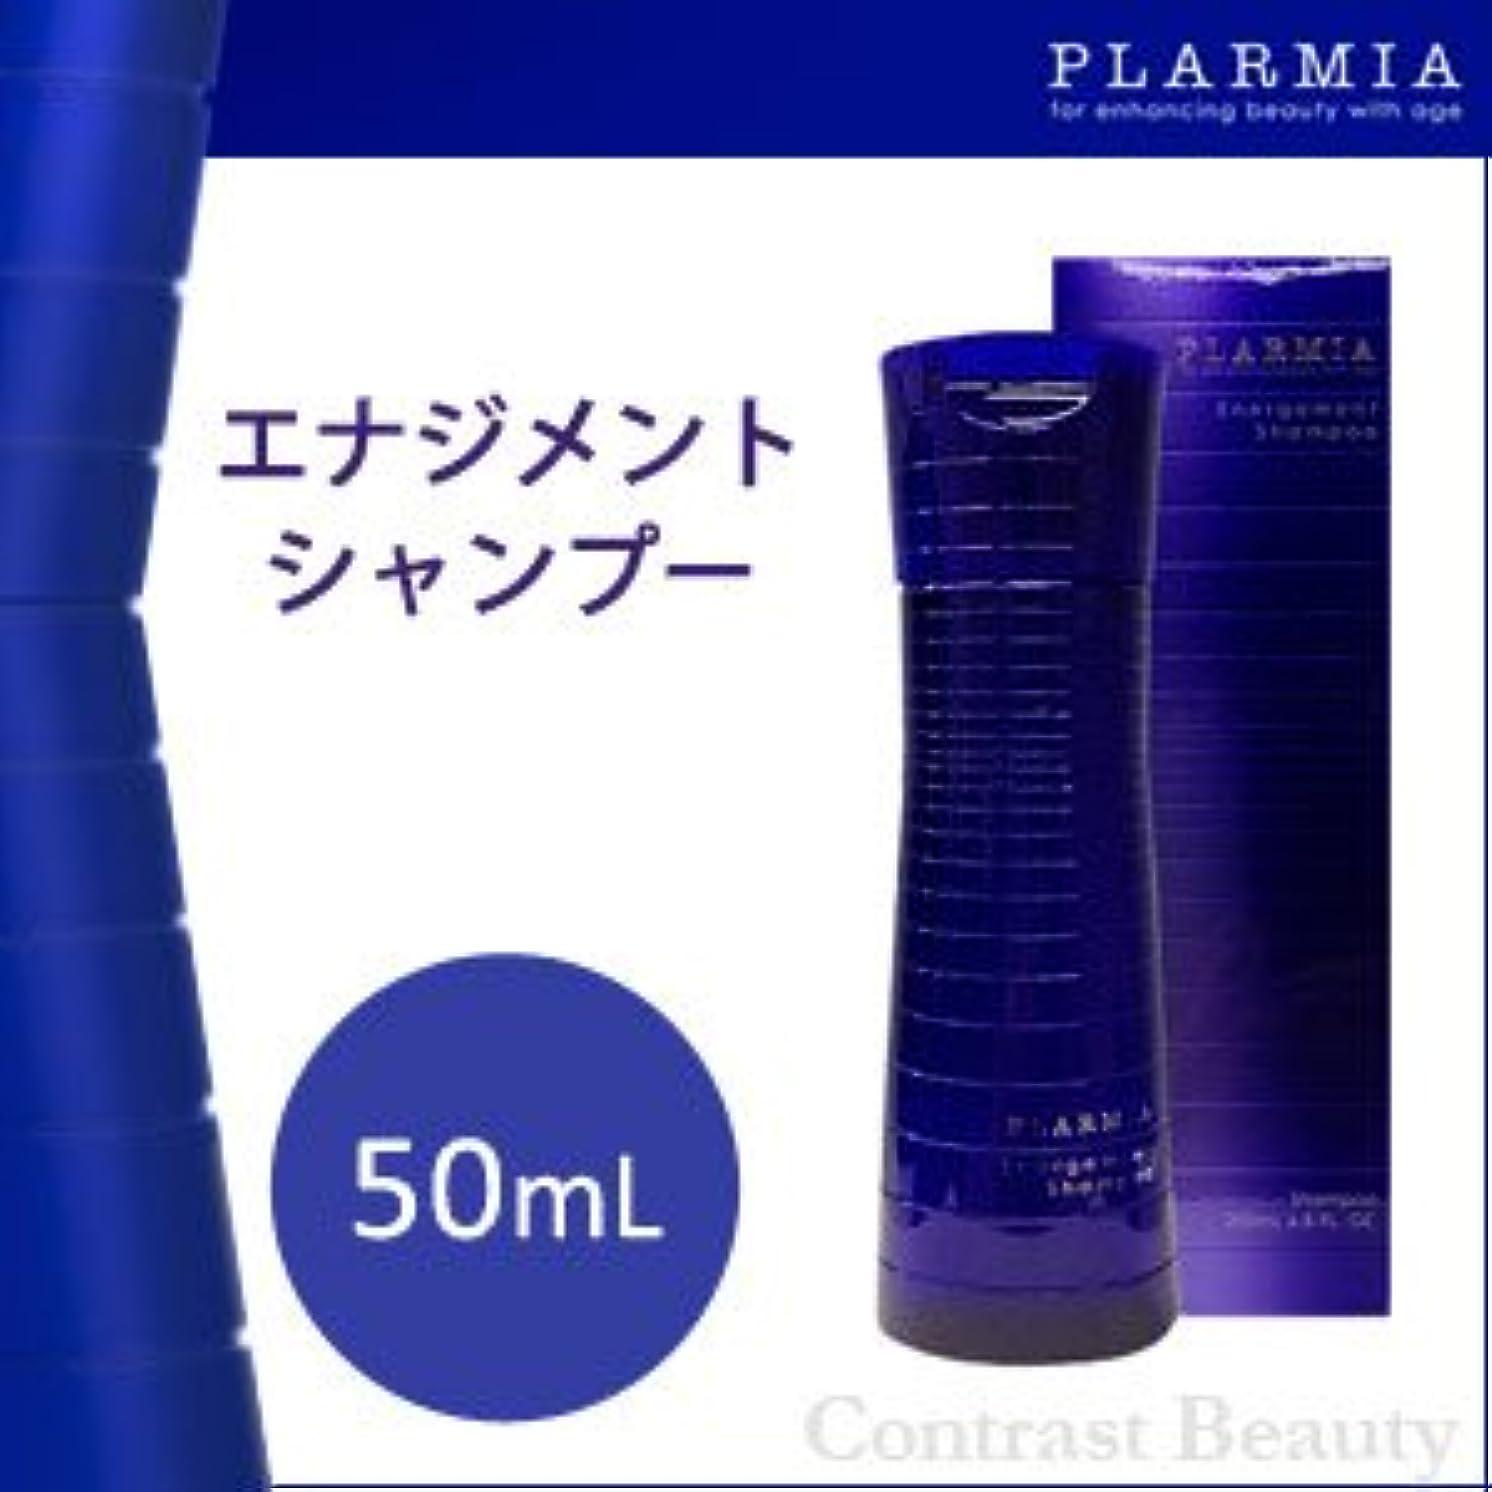 問い合わせるエレガントアメリカ【x4個セット】 ミルボン プラーミア エナジメントシャンプー 50ml